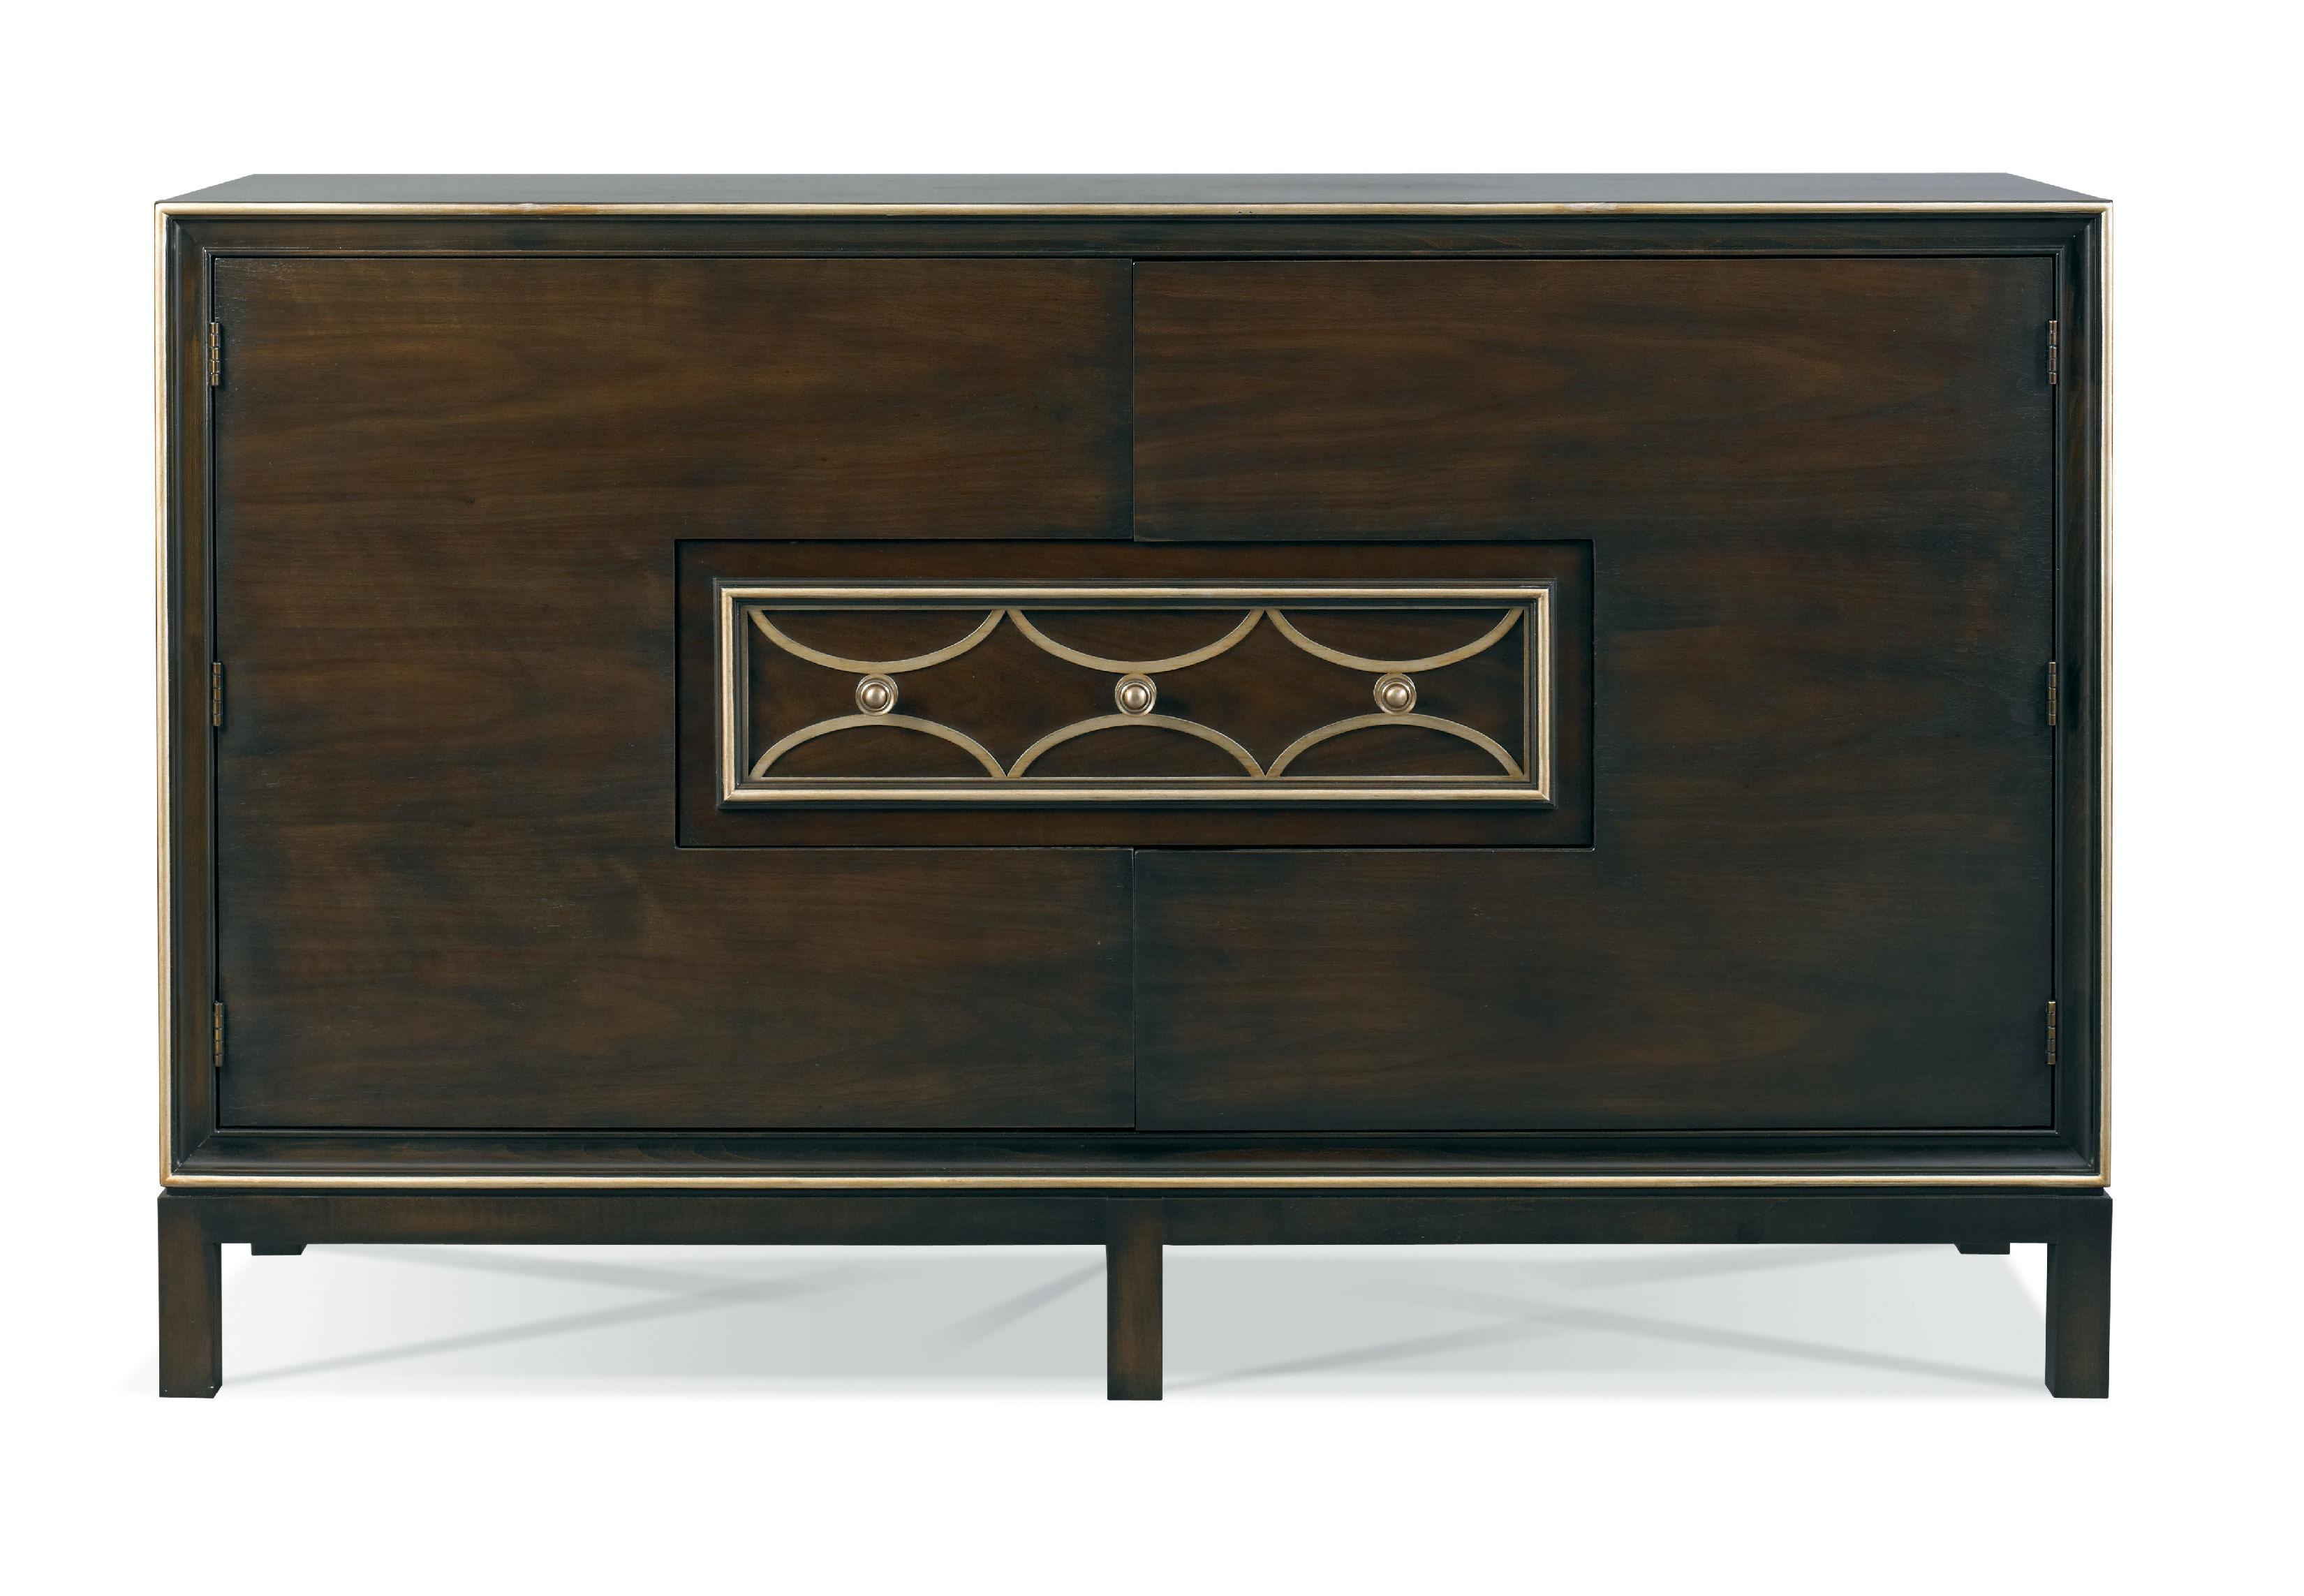 Hickory White Furniture Pelham Server 440 51